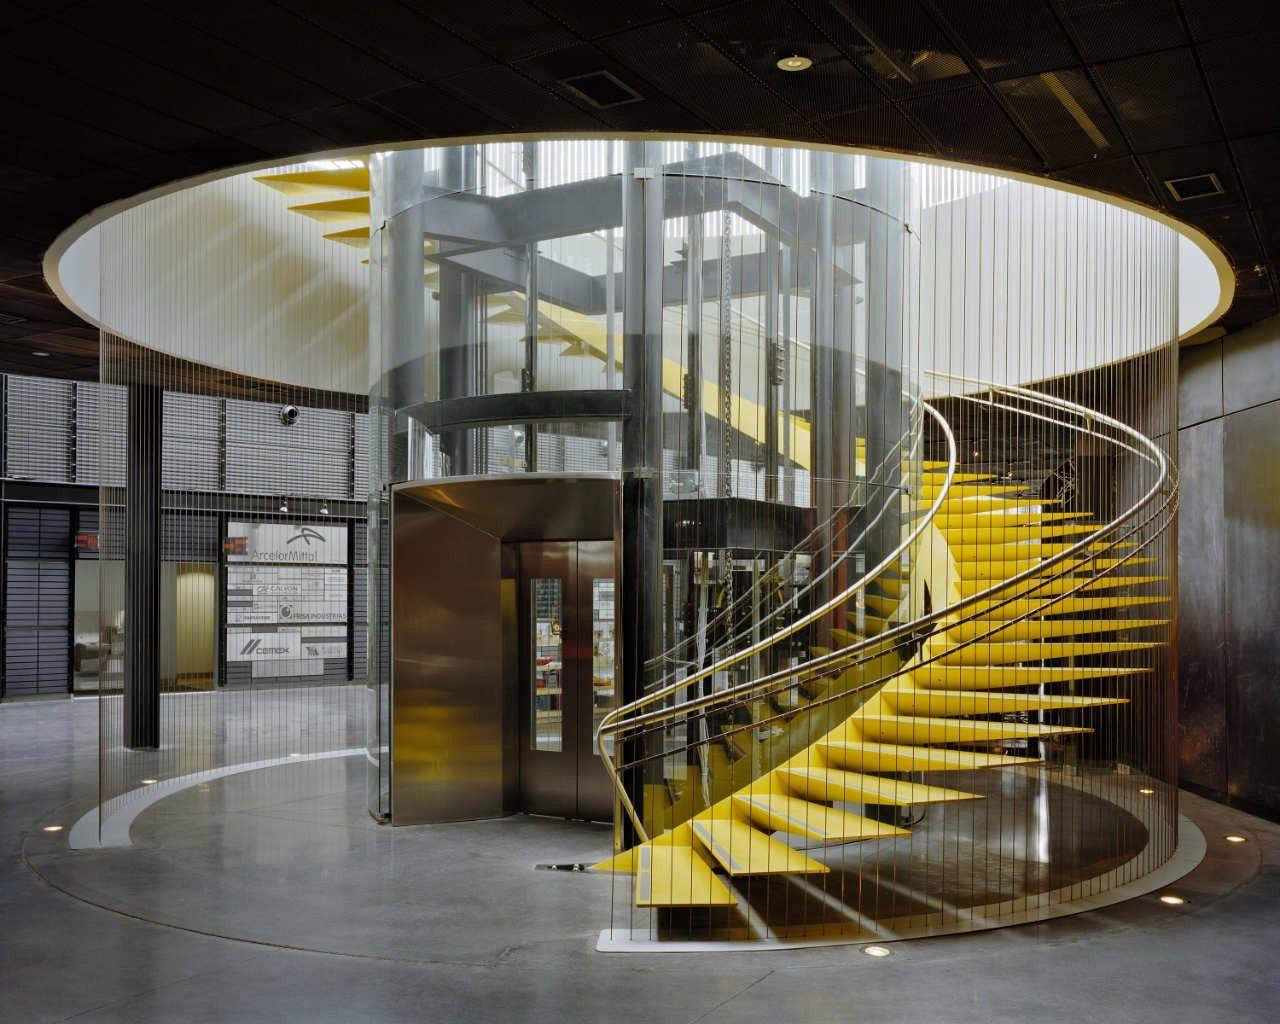 Romantik moderne treppe wendeltreppen innenarchitektur treppen architektur berühmte architektur design showroom architektur von